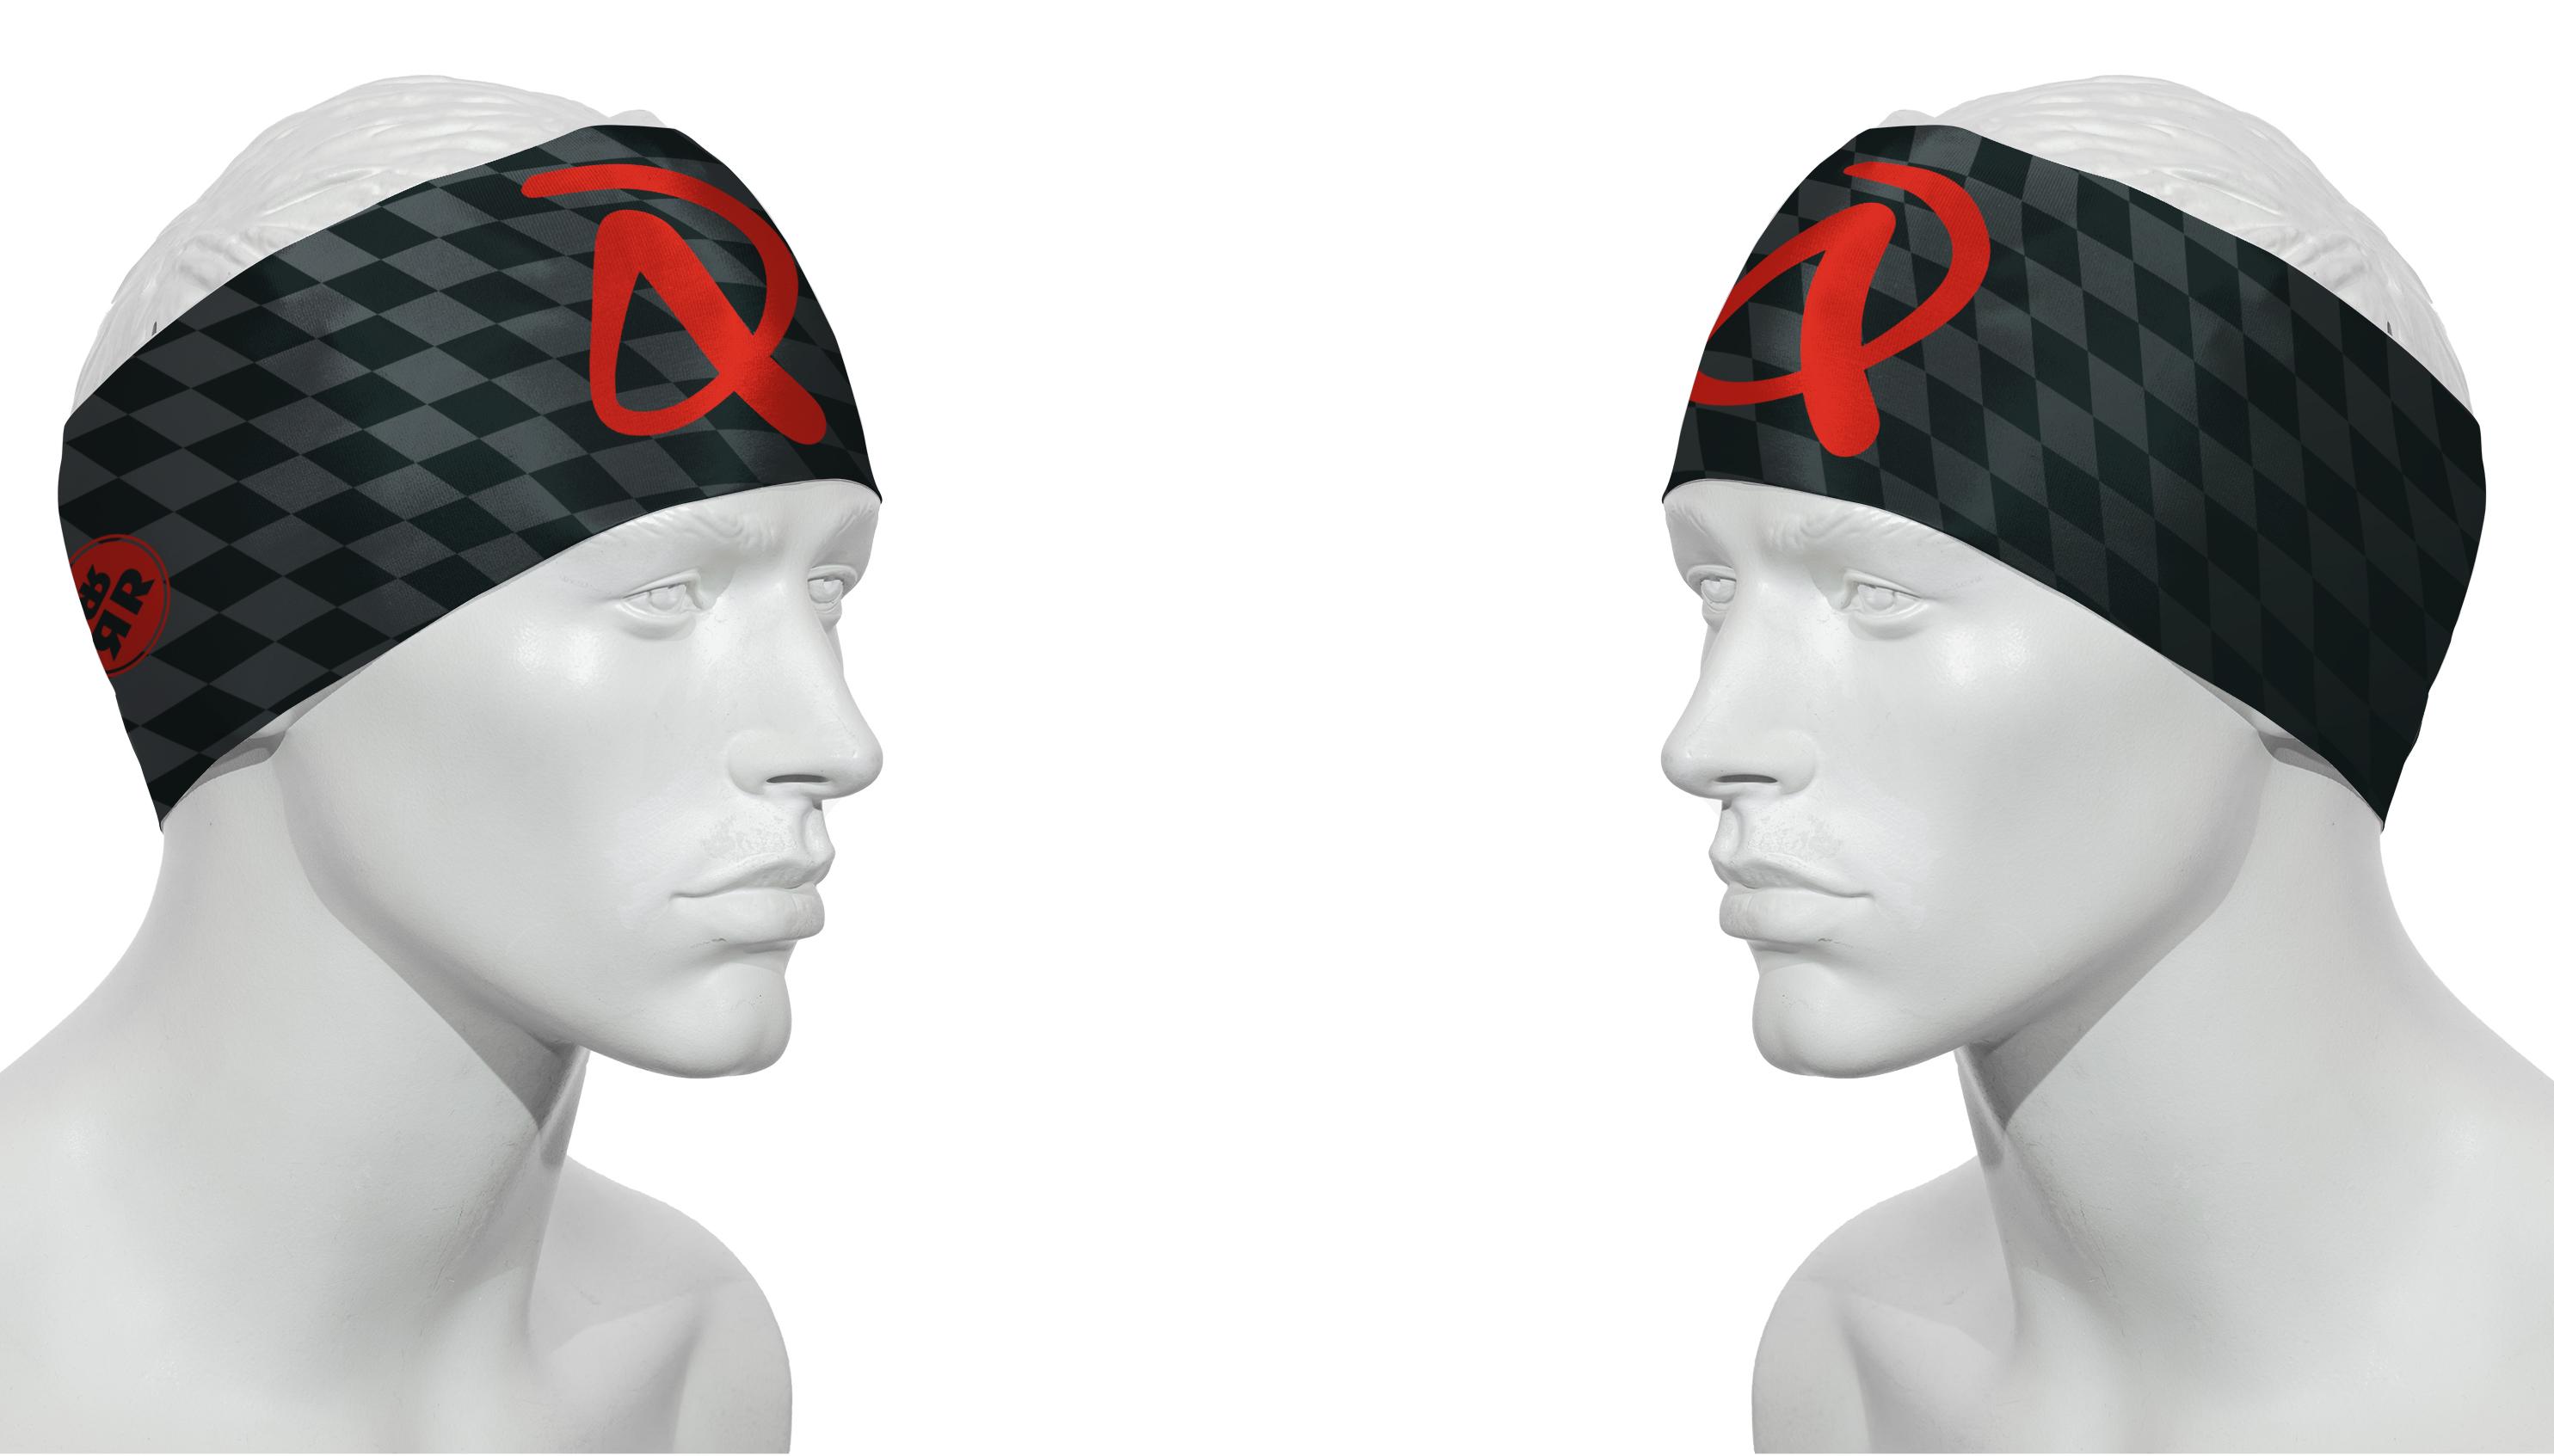 Stirnband RRT991U / schwarz - rot / Andi Dreitz